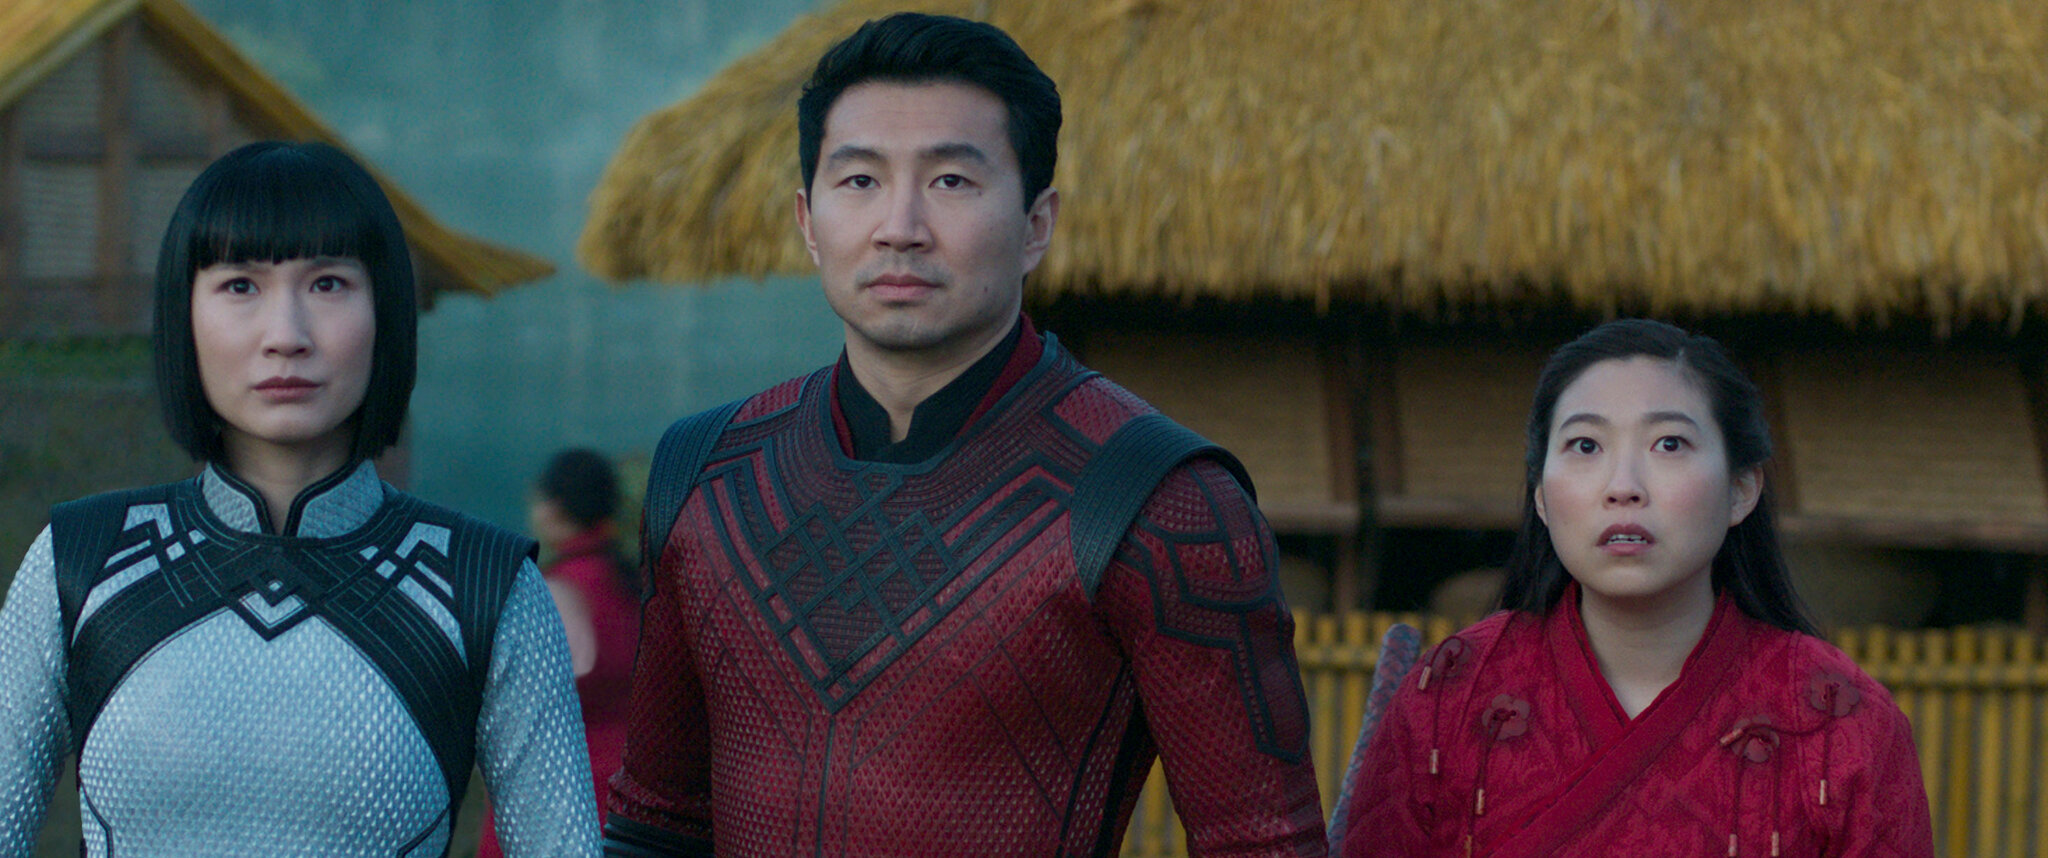 Cena do filme Shang-Chi e a Lenda dos Dez Anéis. A cena mostra 3 pessoas asiáticas em pé, usando roupas de guerra e olhando para frente com expressões de medo.